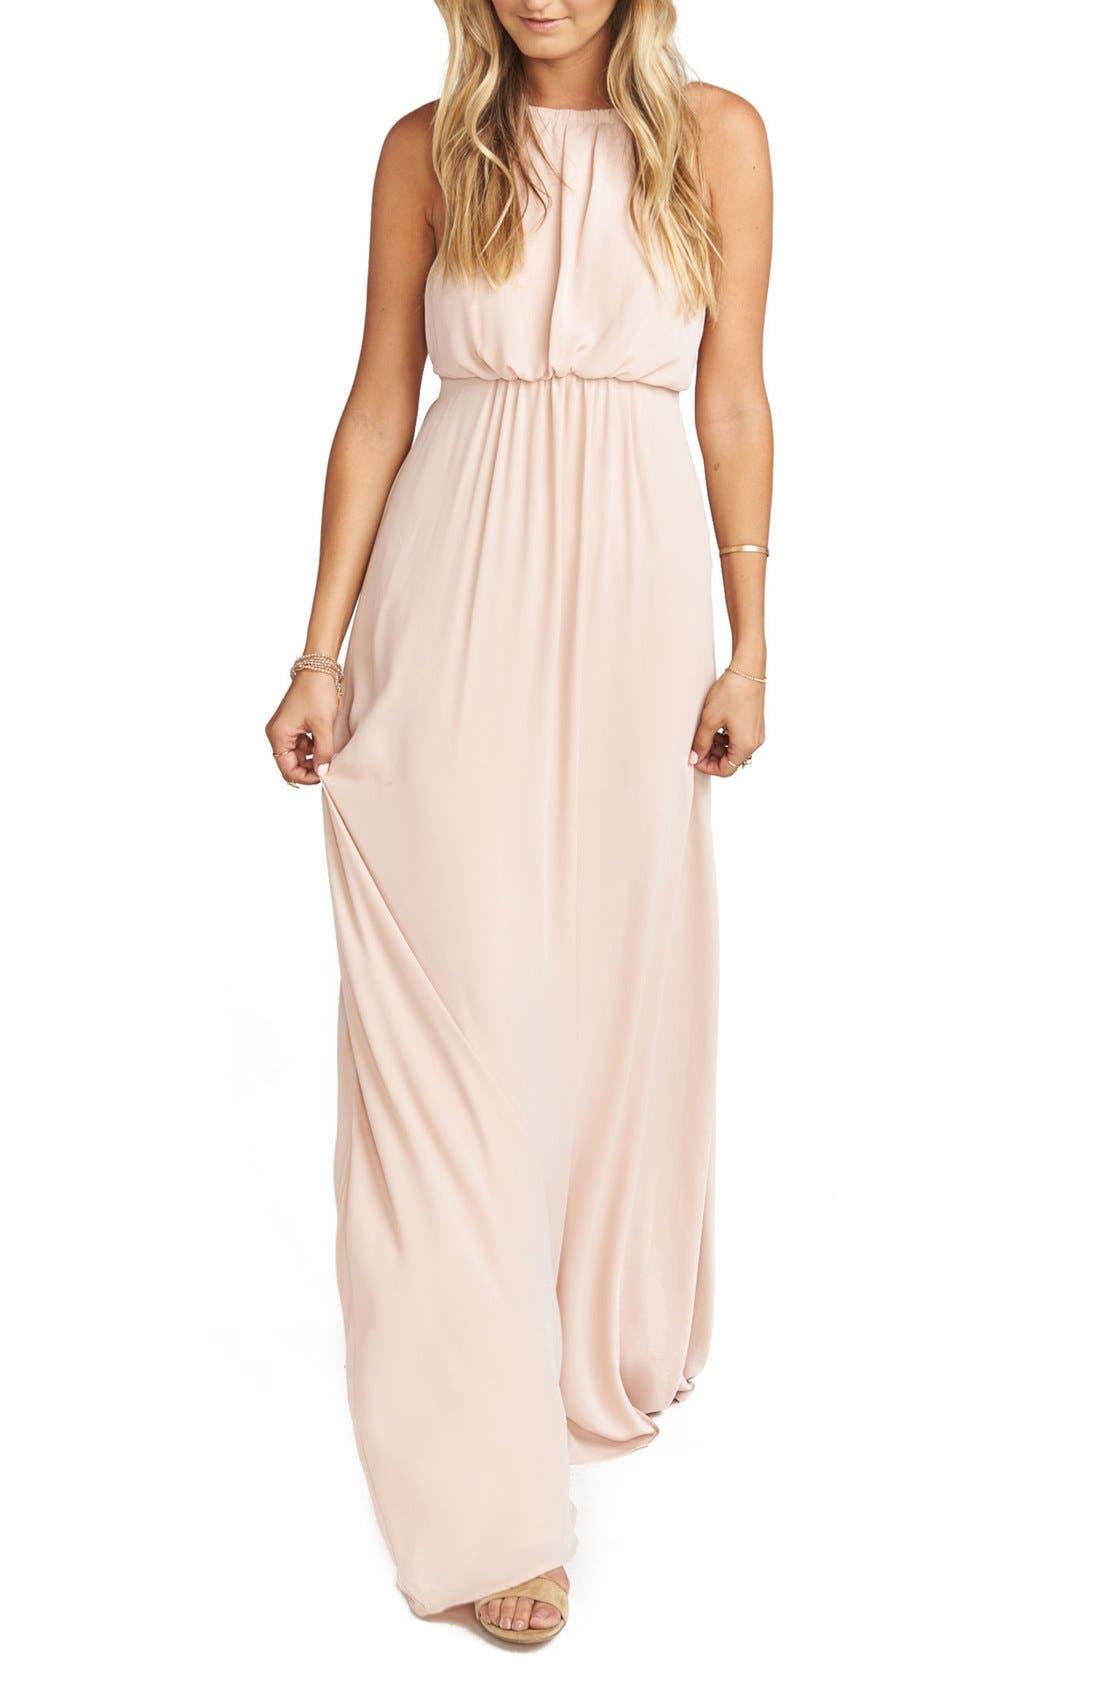 Amanda Open Back Blouson Gown,                         Main,                         color, Dusty Blush Crisp